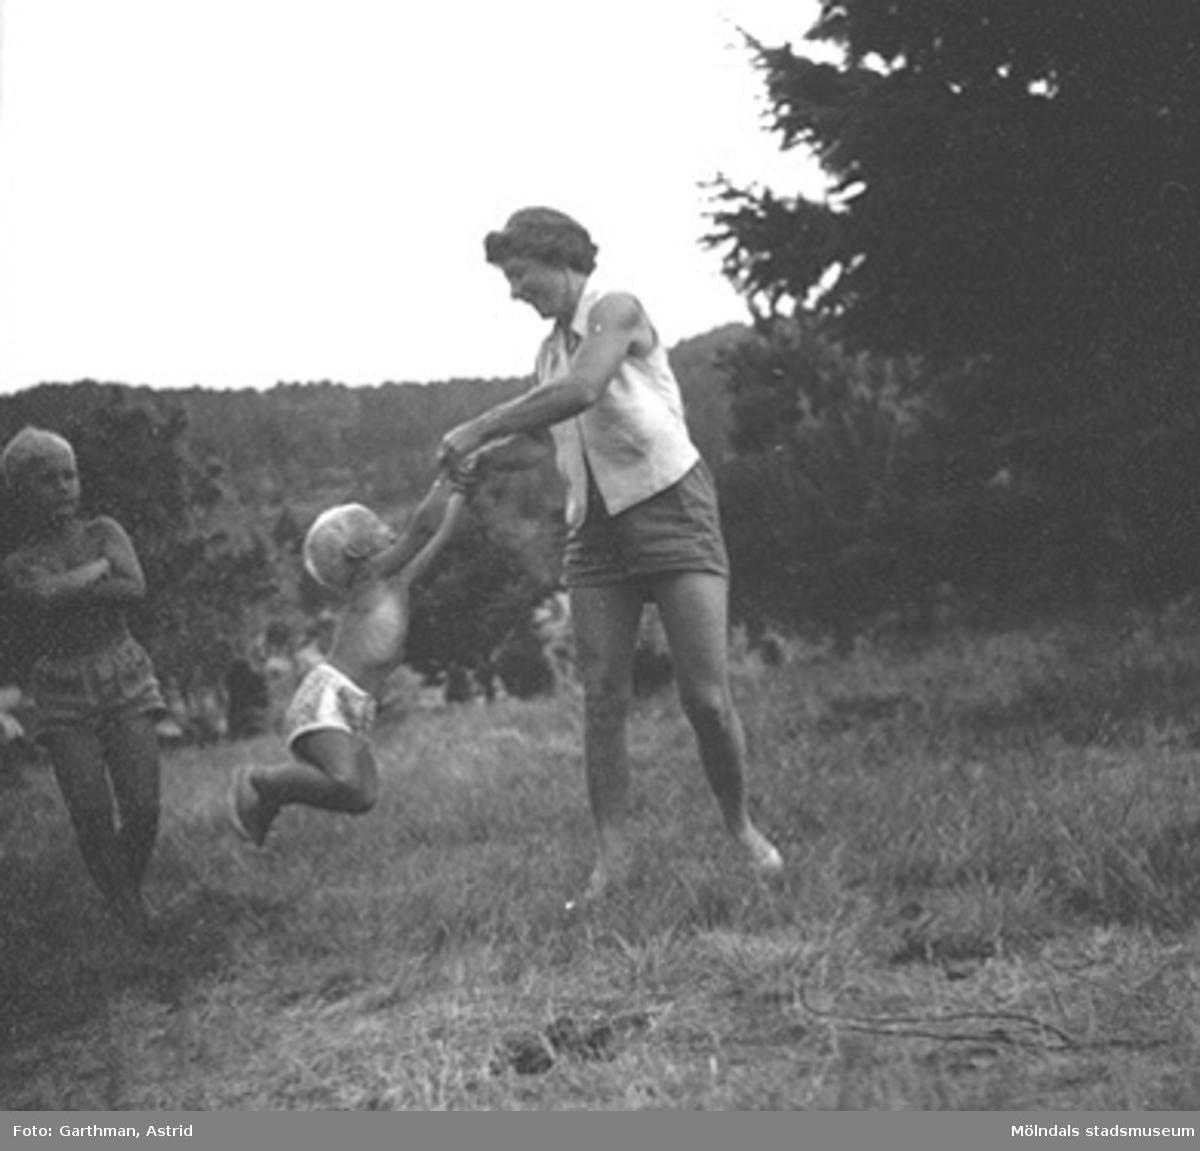 Ulla Torgé svänger runt med sonen Olle Torgé i Mölndal, 1950-tal. Okänt barn tittar på. Vänner till familjen Garthman som är på besök.